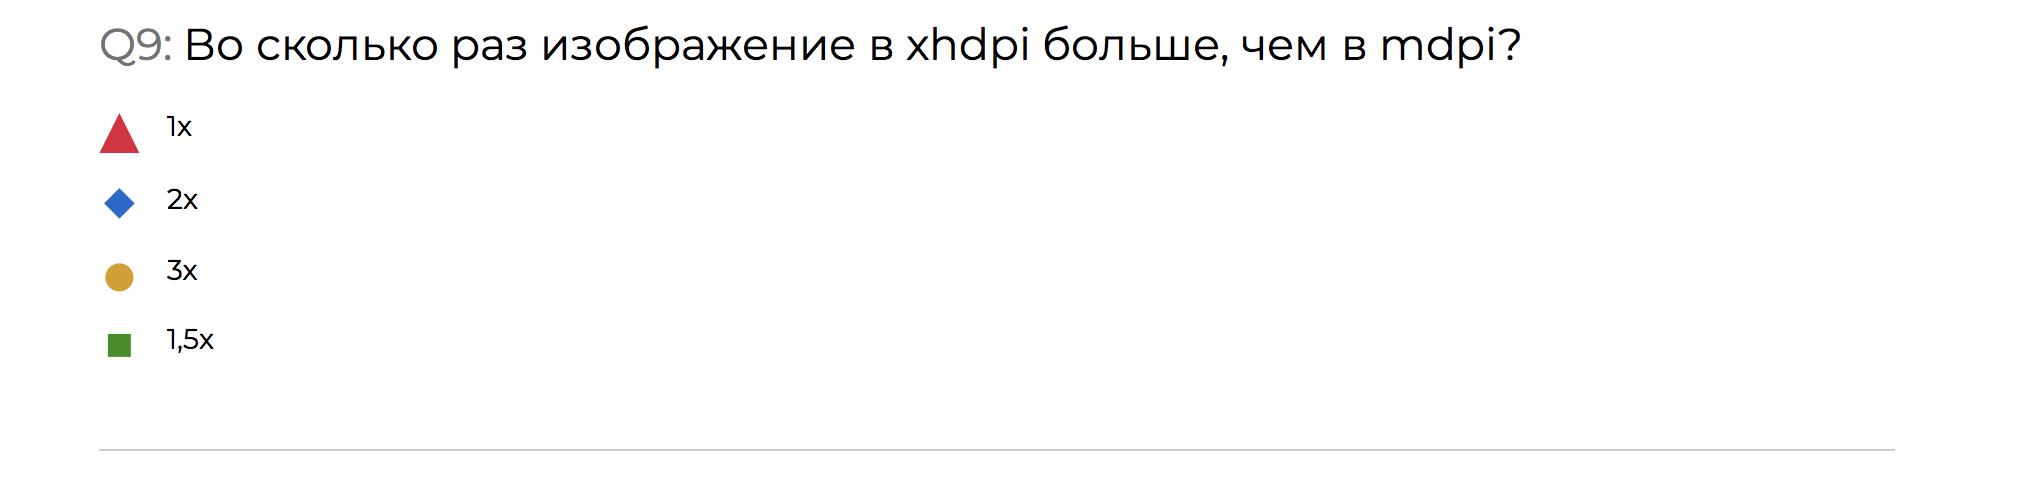 Разбор конкурса-квиза по Android со стенда HeadHunter на Mobius 2018 Moscow - 19